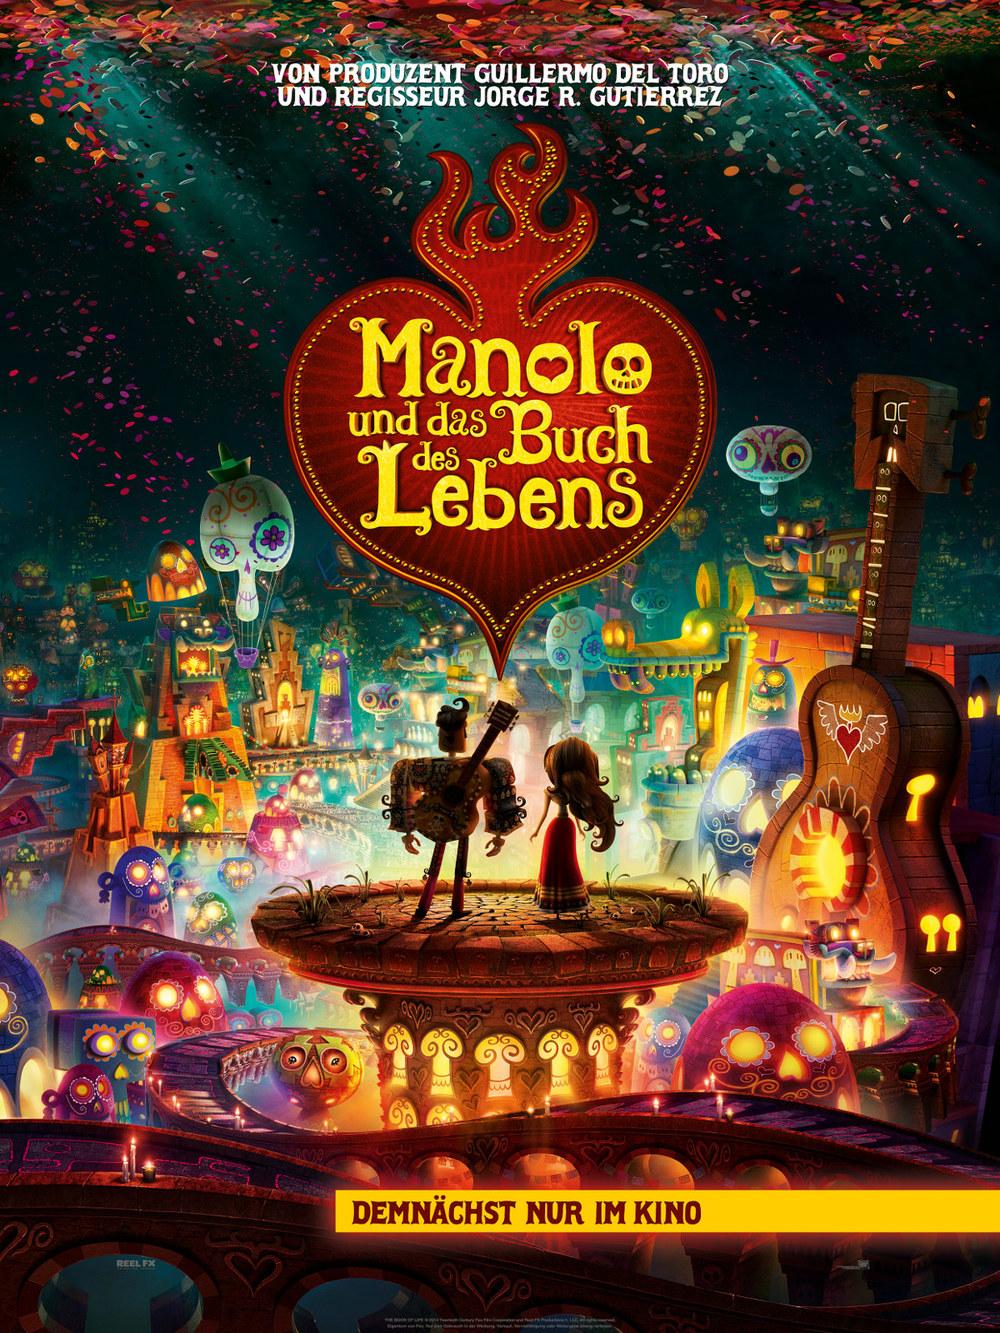 """Gewinnspiel: Gewinne ein Fan-Paket zum fantastischen Animationsfilm """"Manolo und das Buch des Lebens"""""""